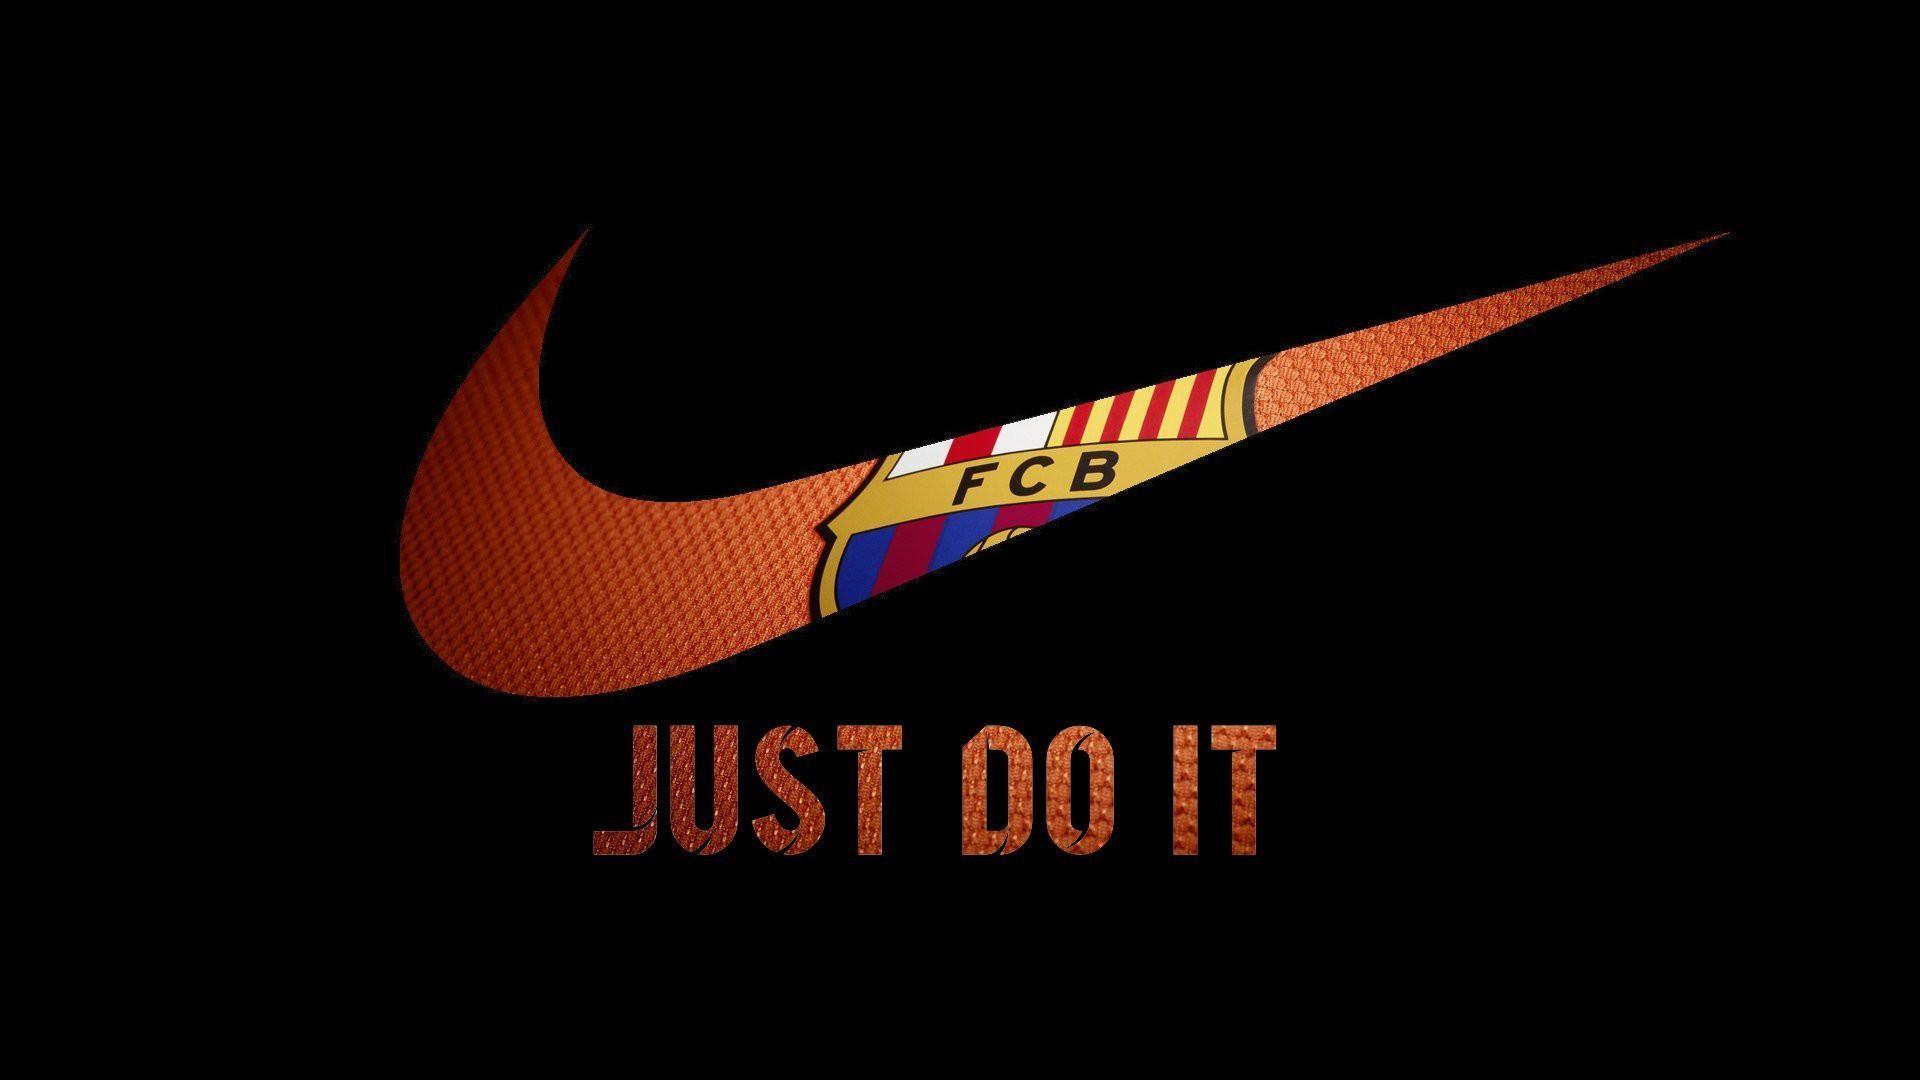 El FC Barcelona y la multinacional Nike han cerrado un histórico acuerdo  que une a las dos partes hasta el año 2026 8b1475292e6